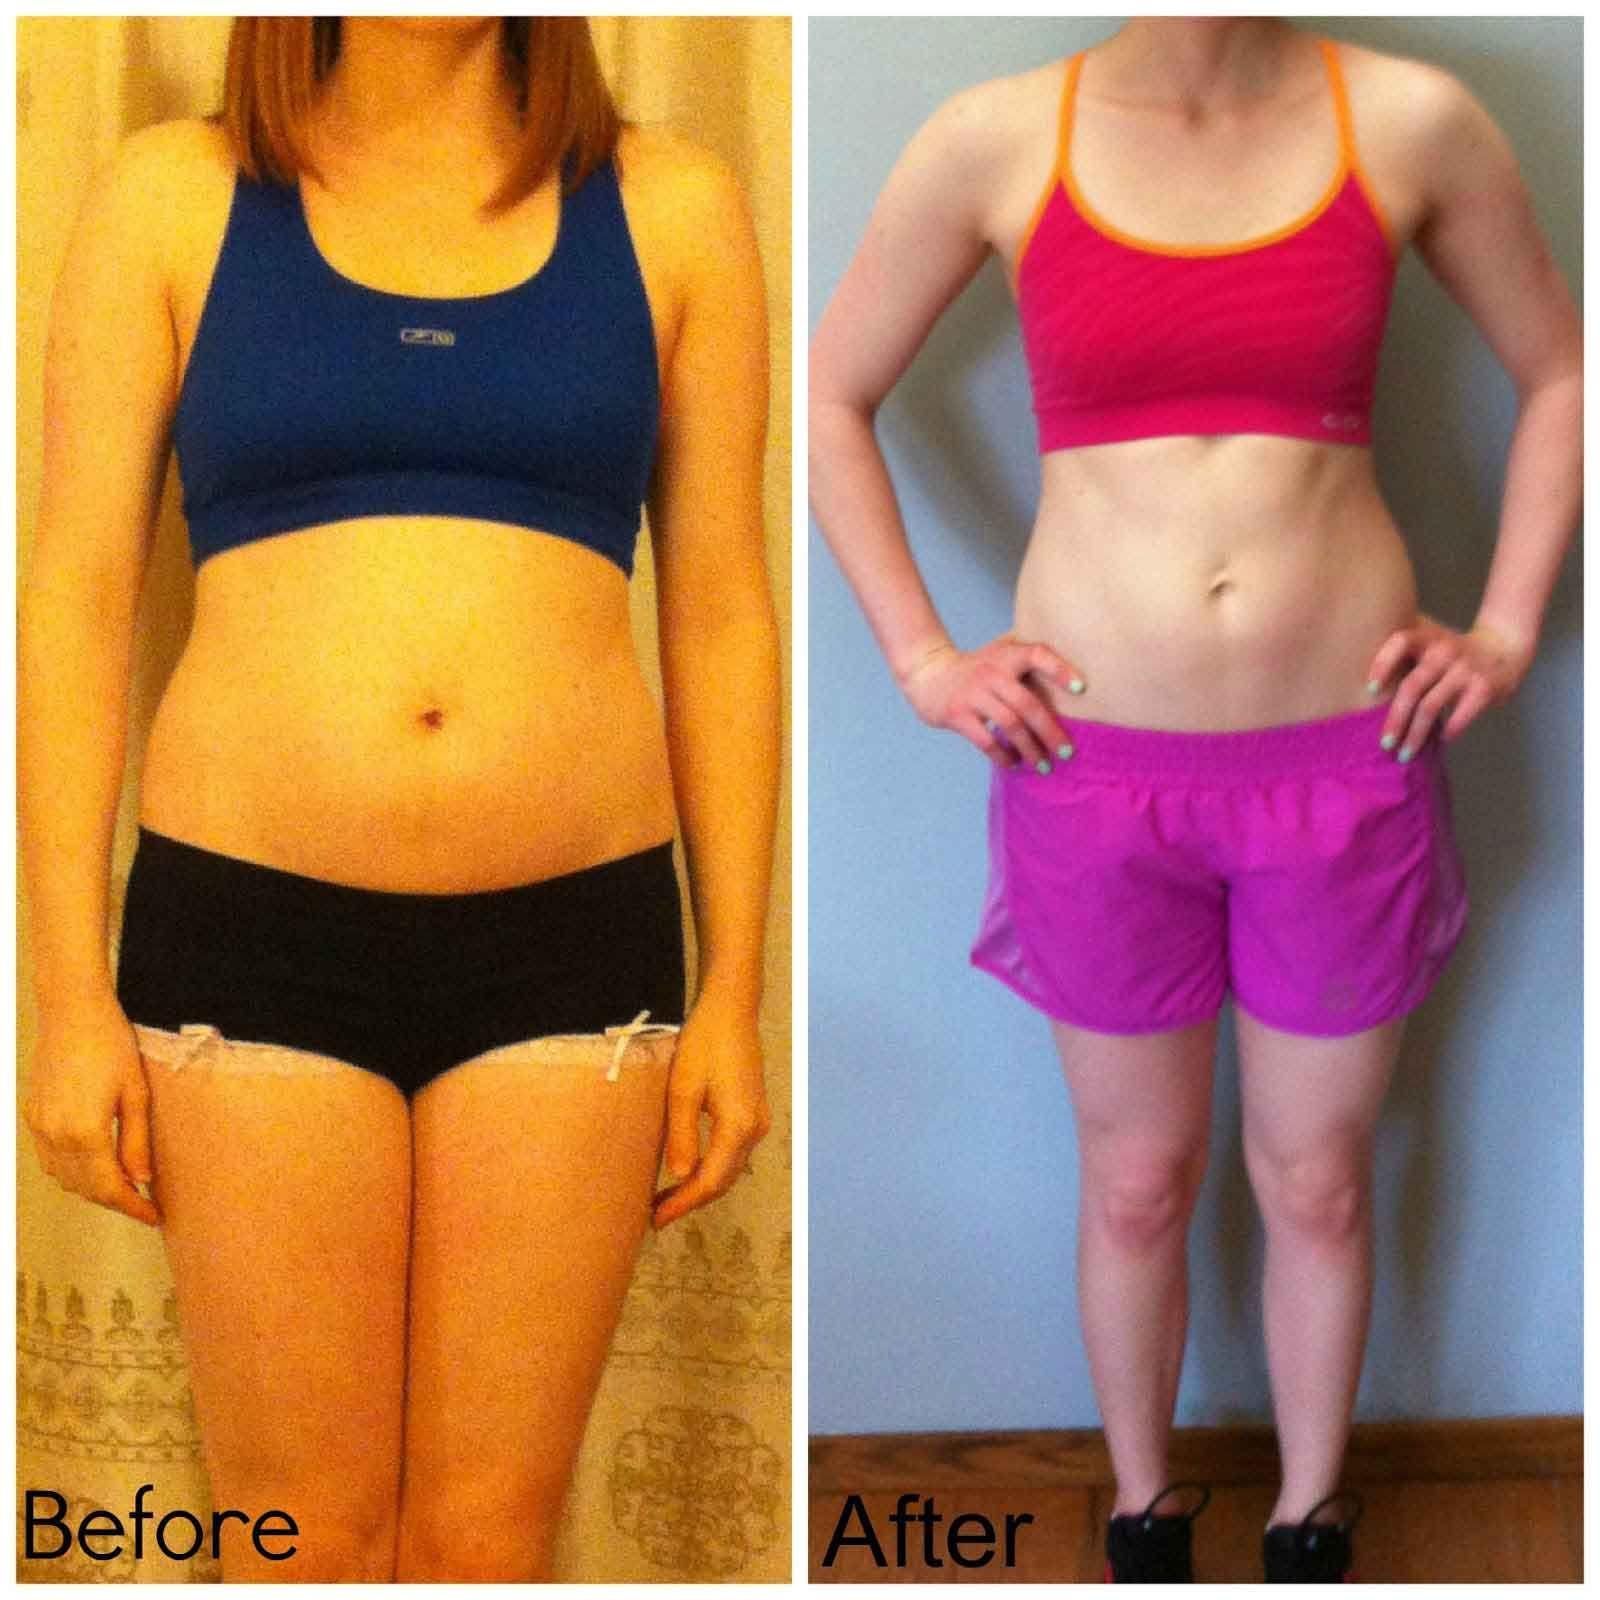 Winderfue-Men Slăbire Cream Fat Burning musculare burta burta reducer gel pierdere în greutate